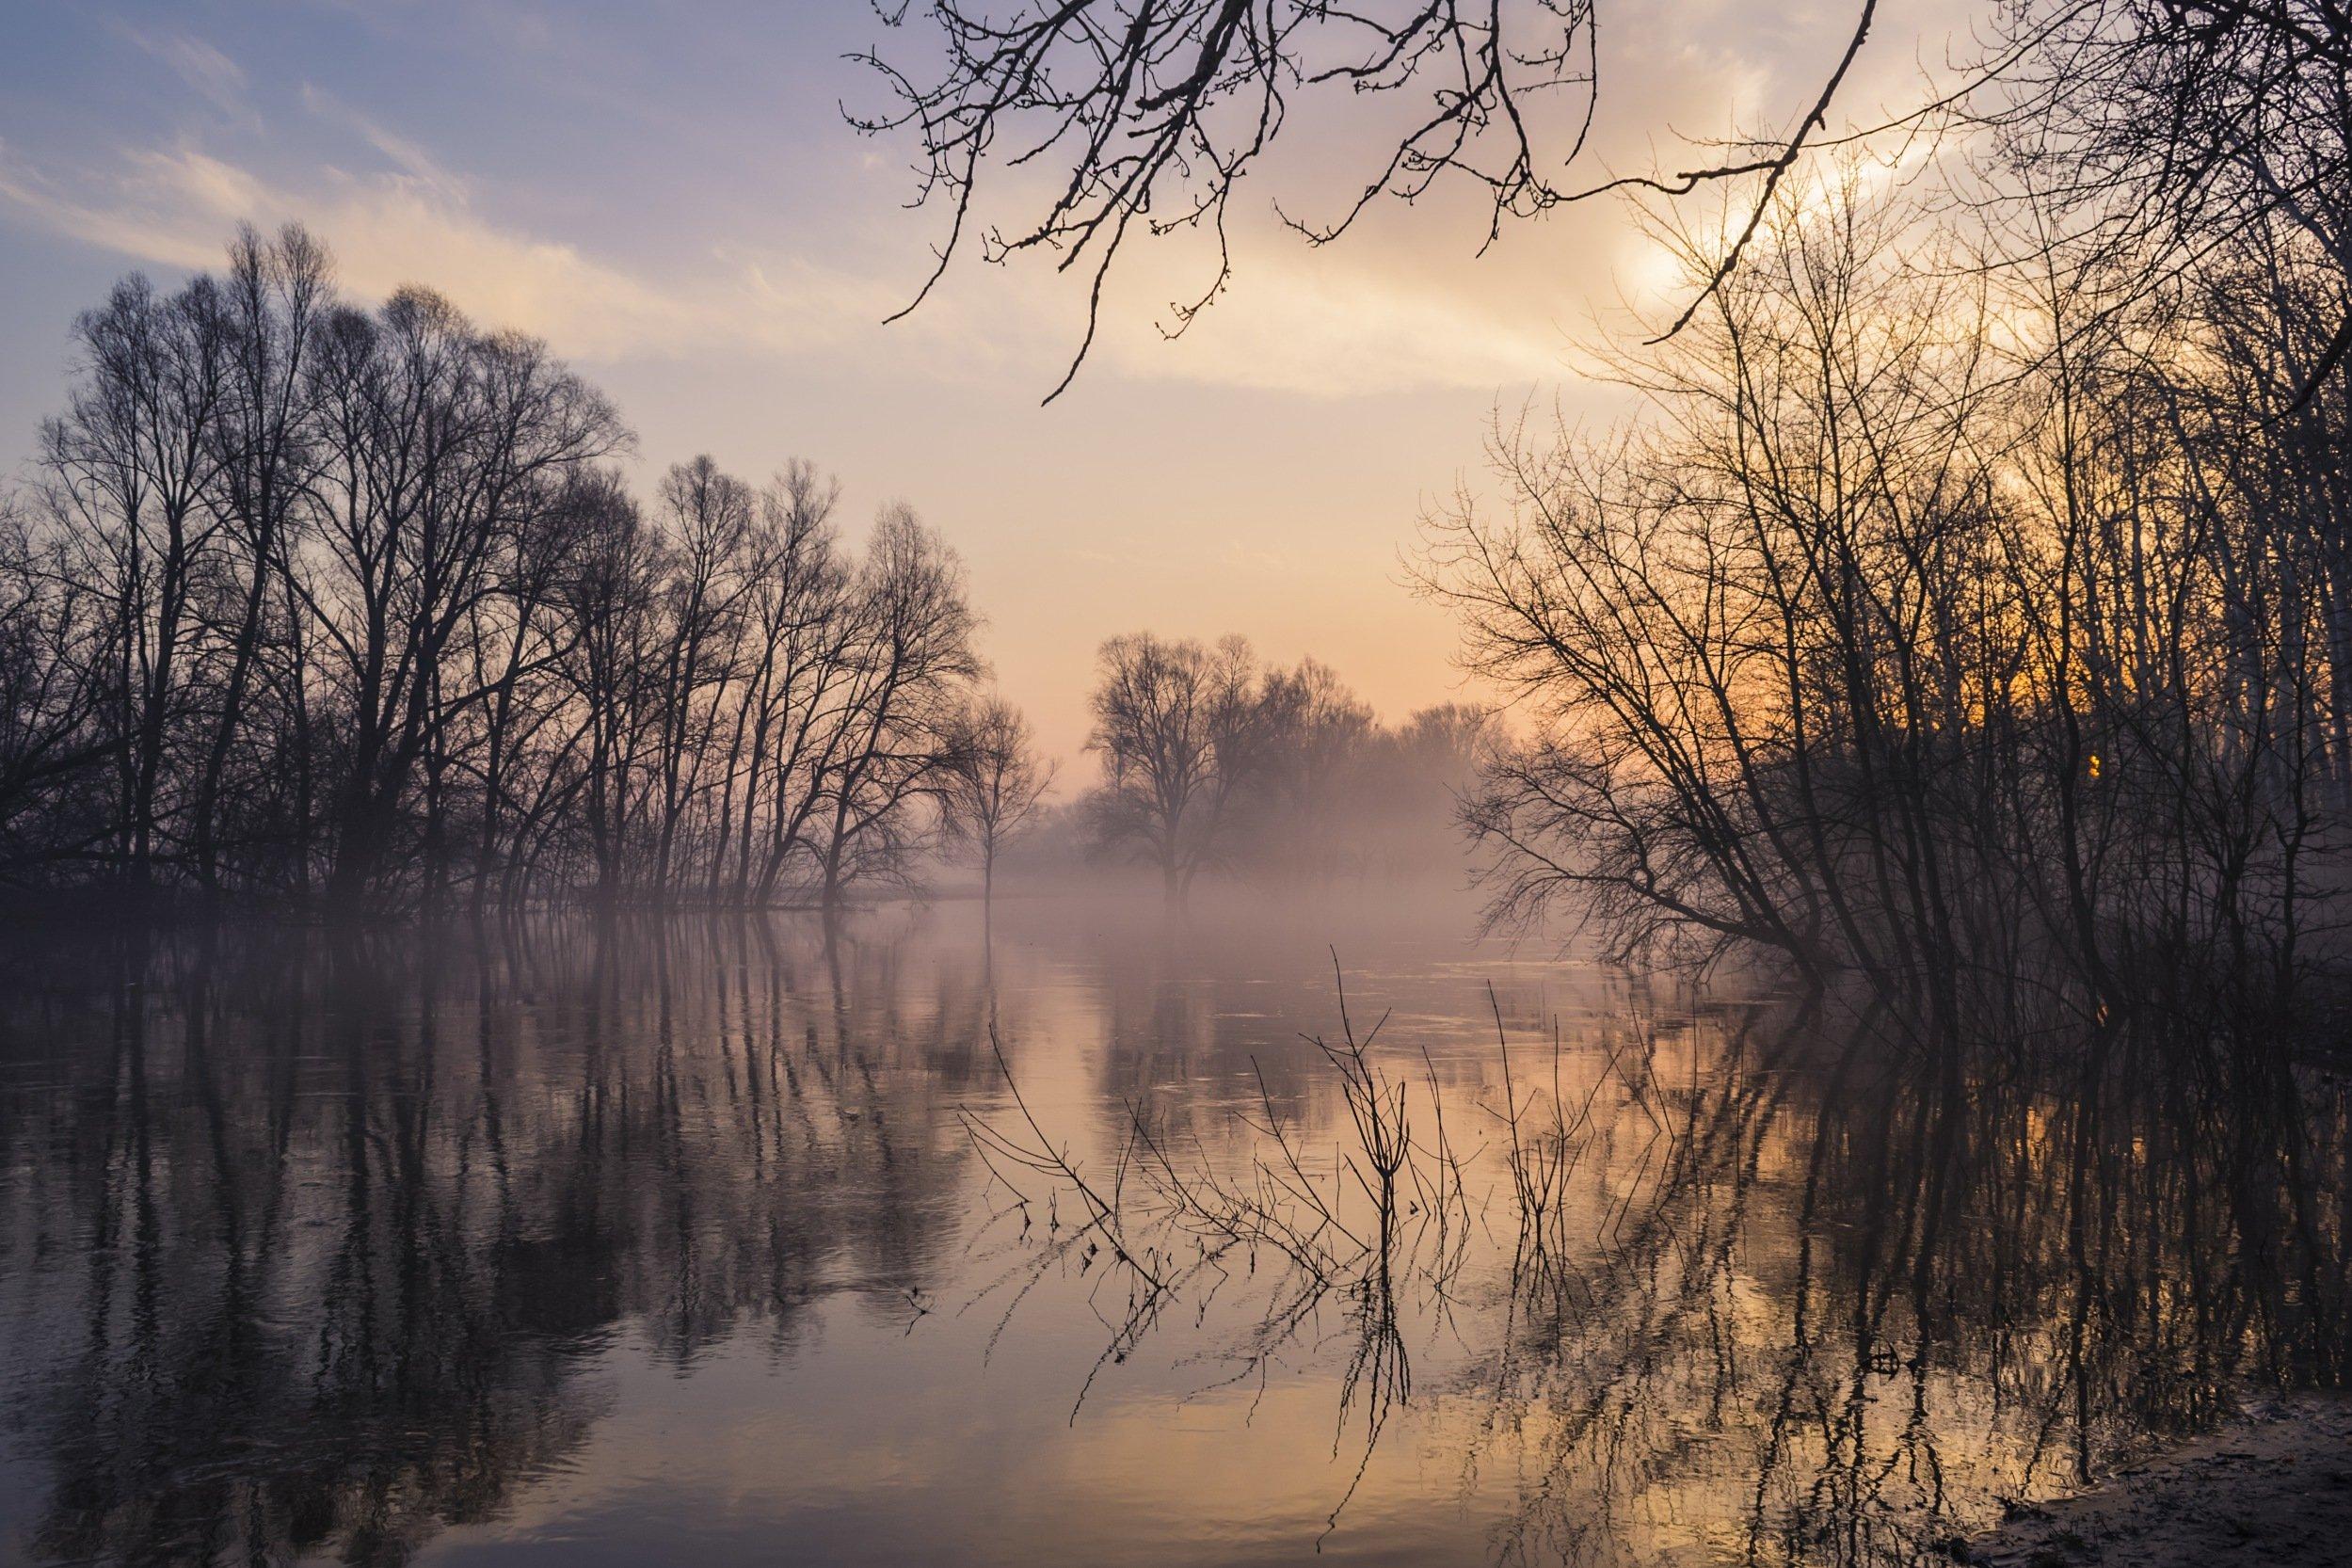 весна,паводок,утро,рассвет,пейзаж,природа,дерево,украина,гадяч,сергей корнев,красота,фотограф,пейзажная фотография,колорит,искусство,композиция, Корнев Сергей